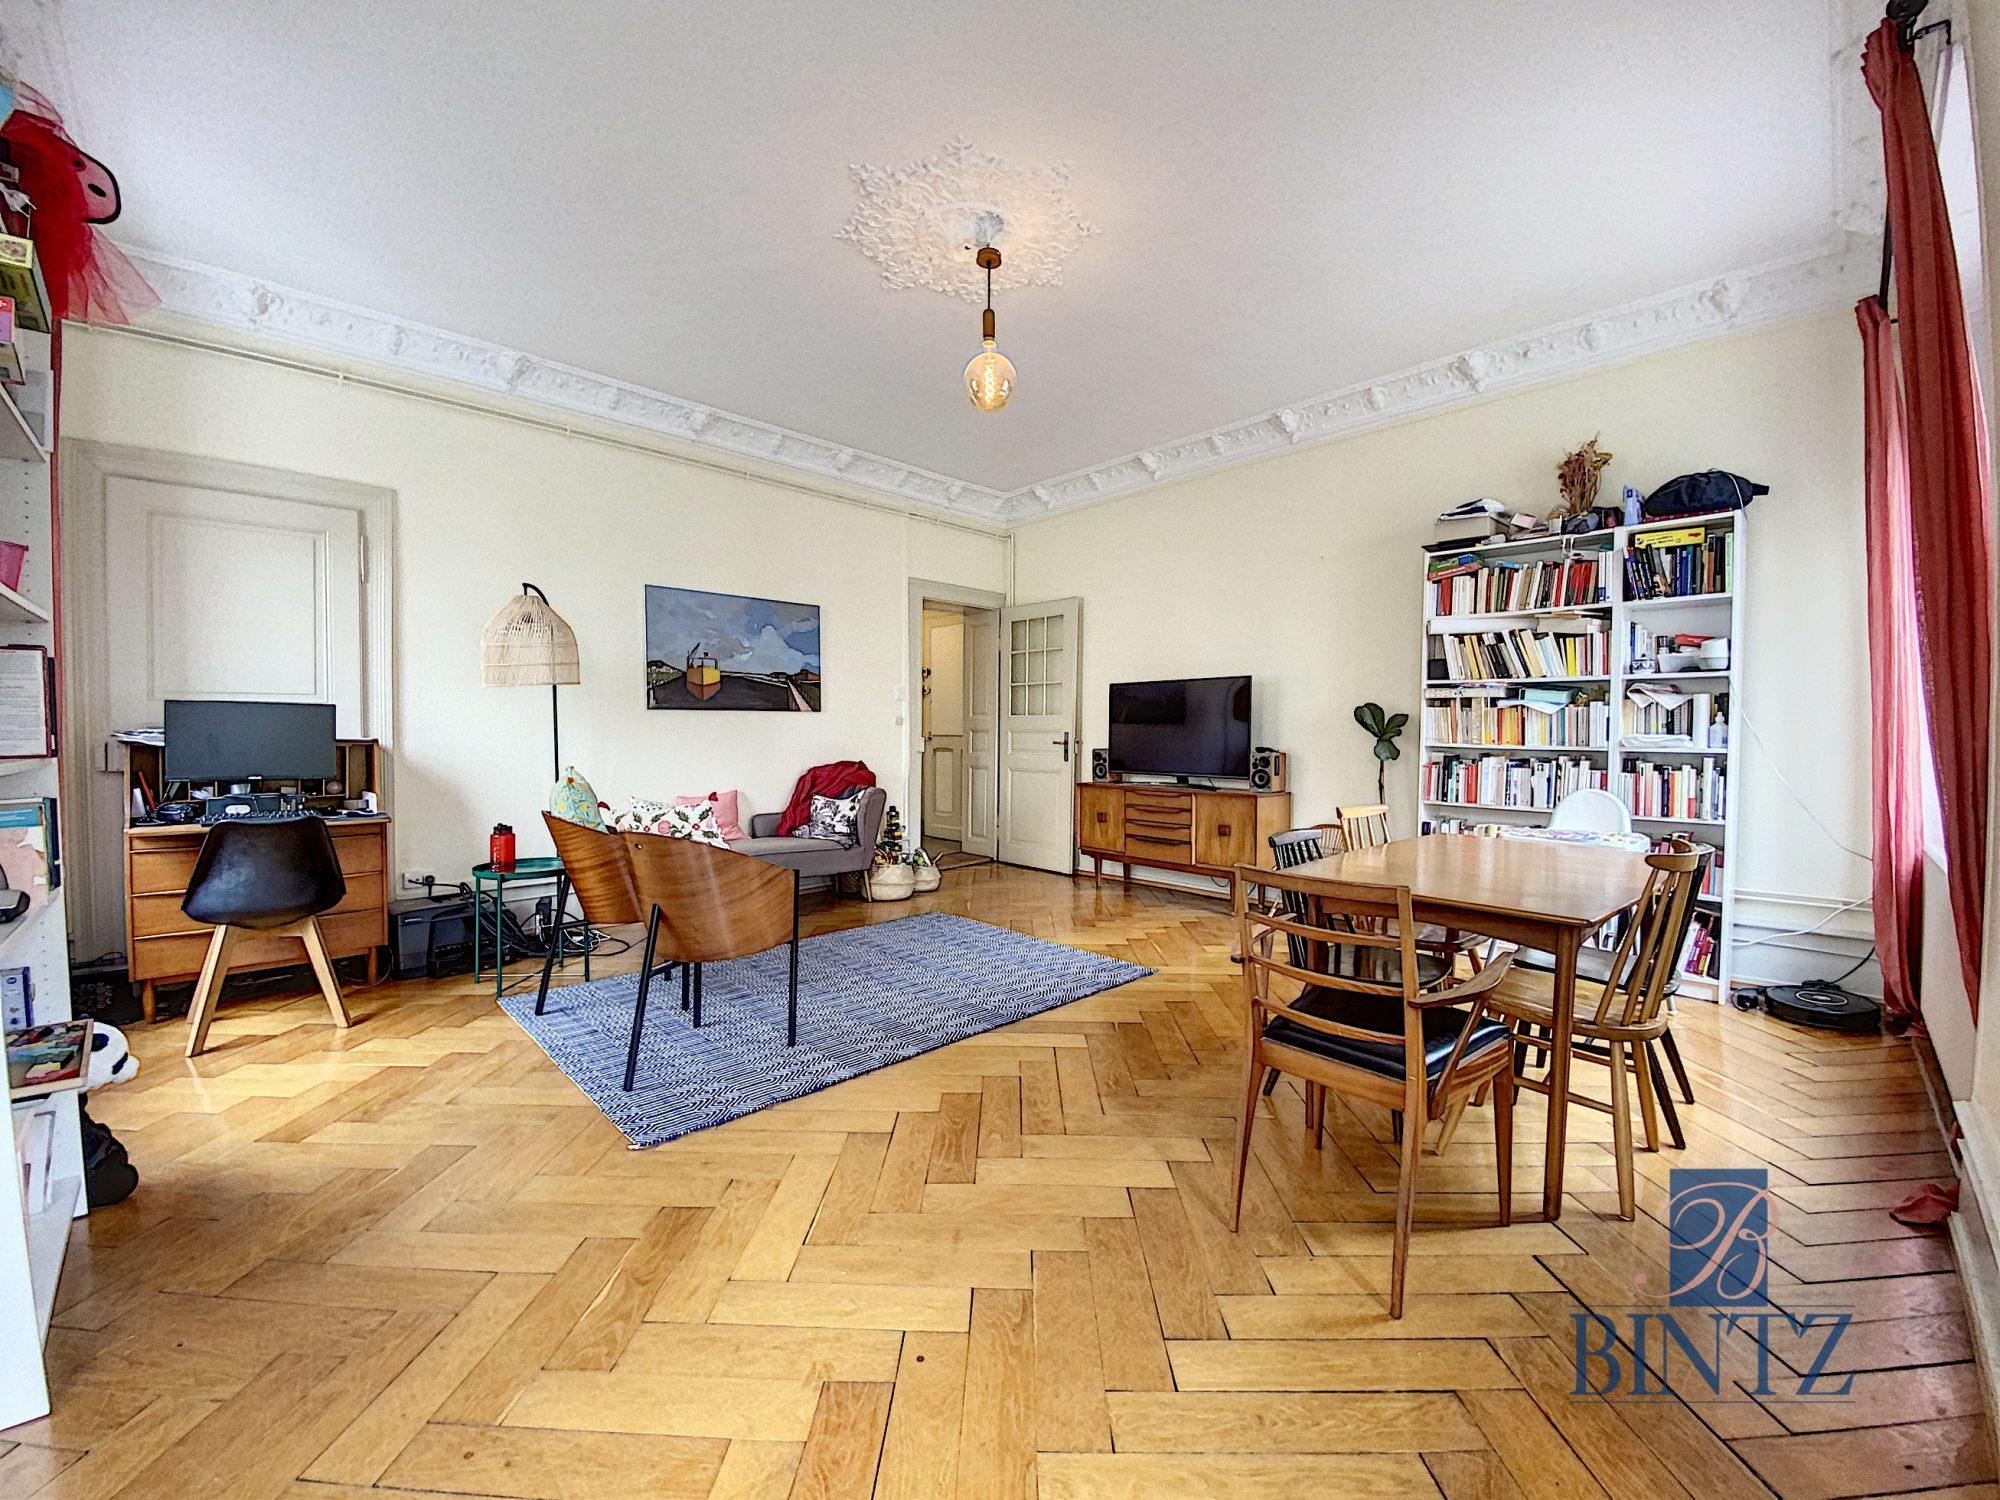 T4 PROCHE ORANGERIE - Devenez locataire en toute sérénité - Bintz Immobilier - 3